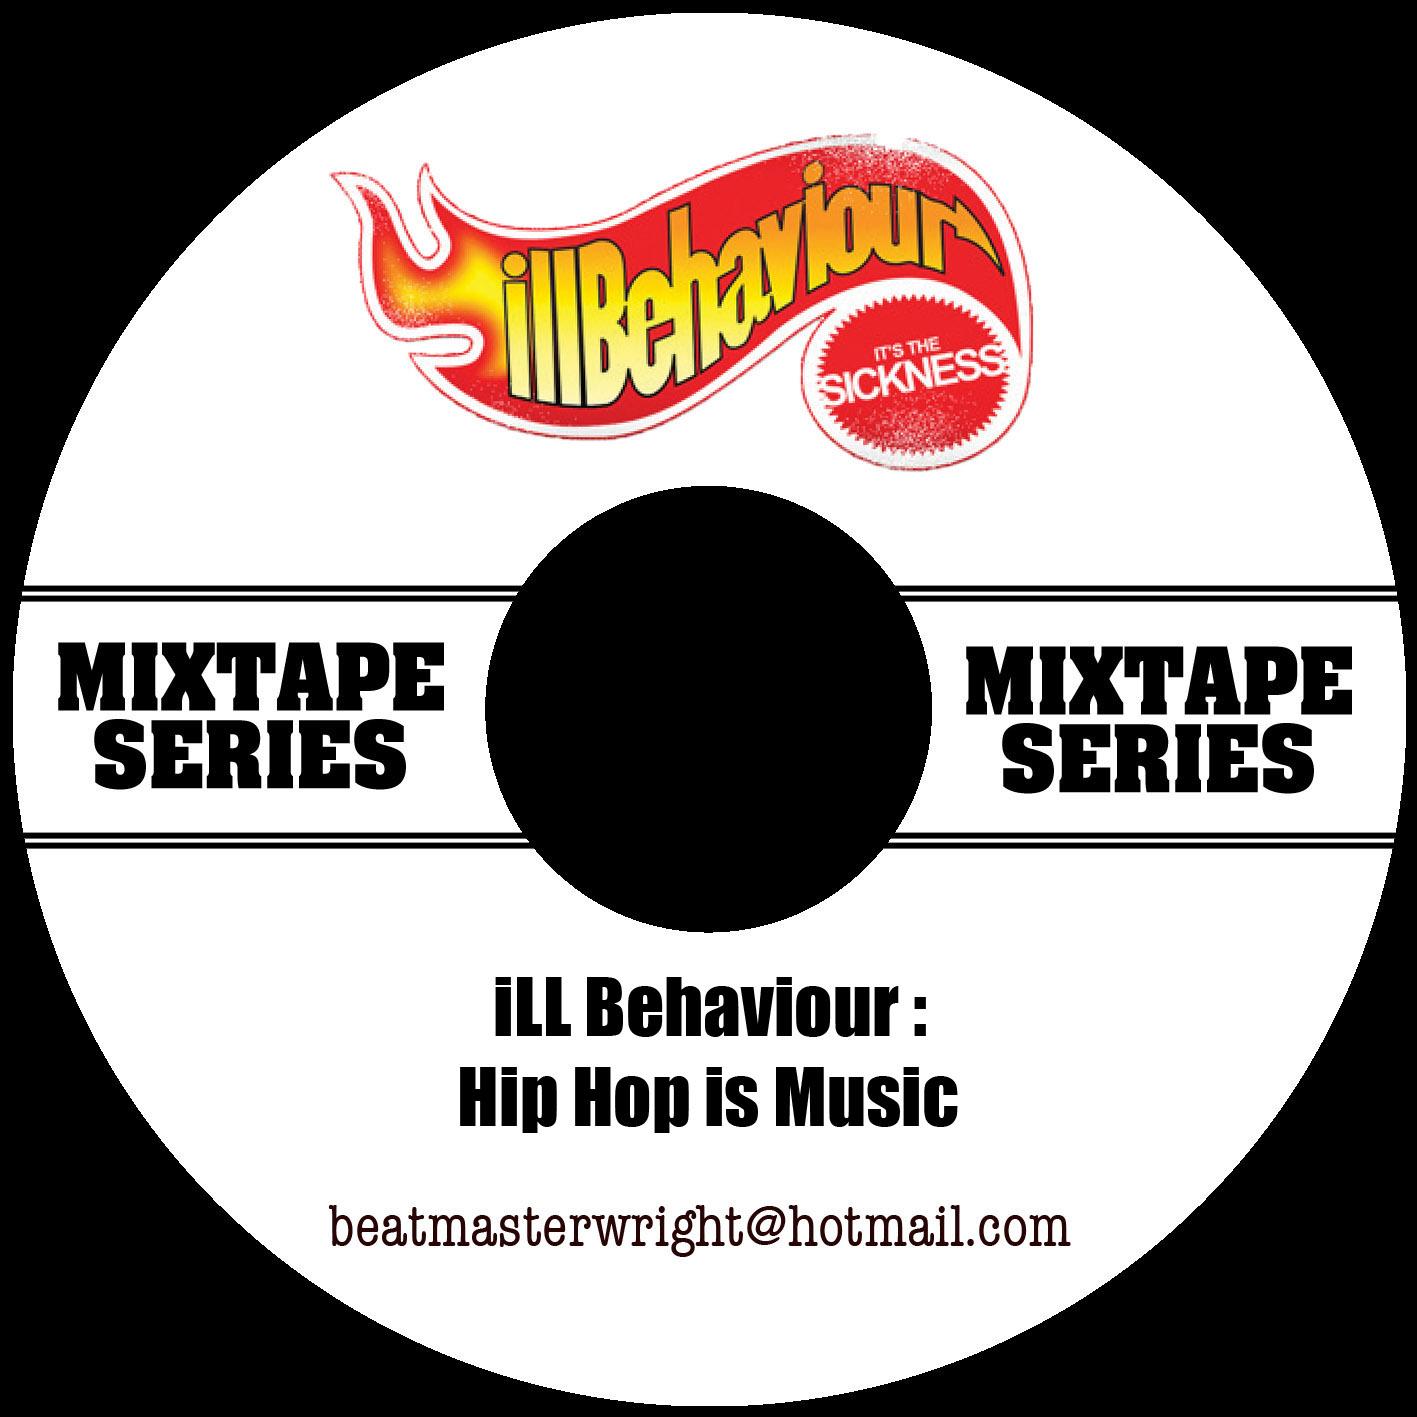 Underground hip hop album download blogspot template